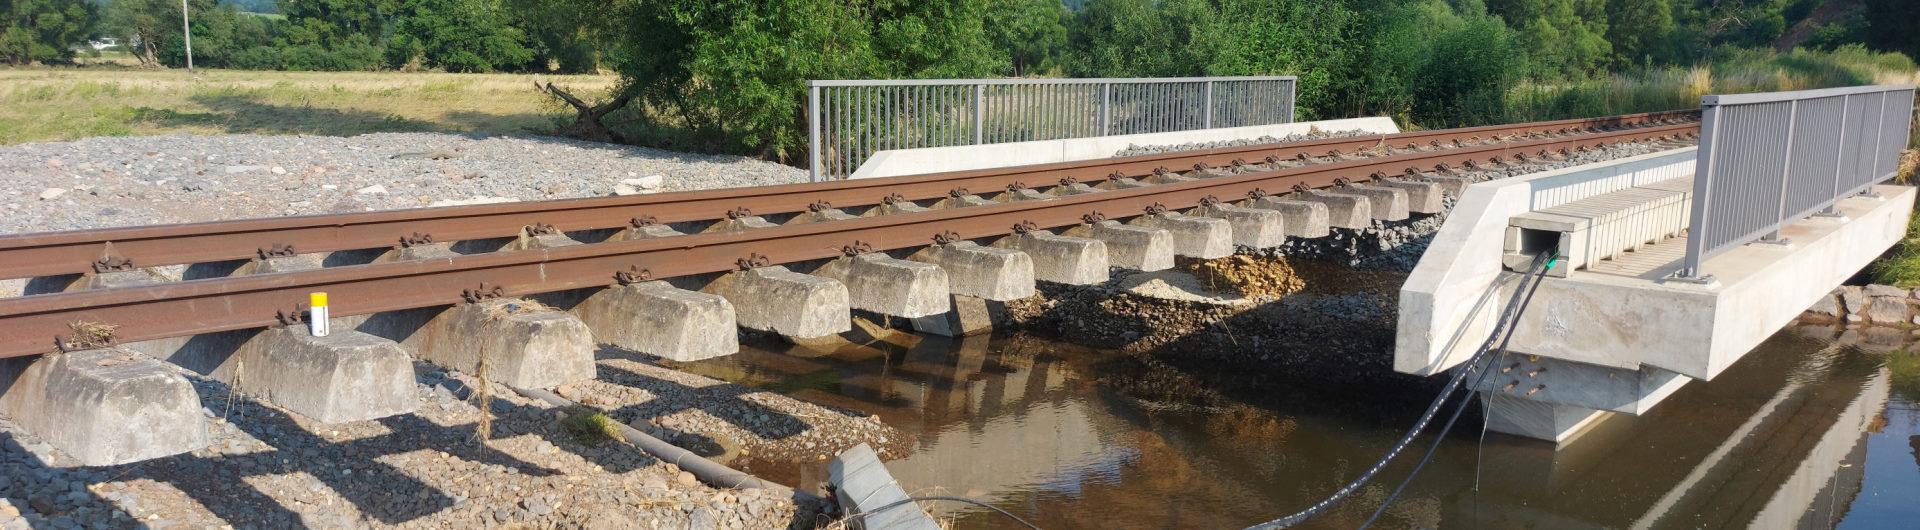 Unterspülte Eifelstrecke mit Brücke